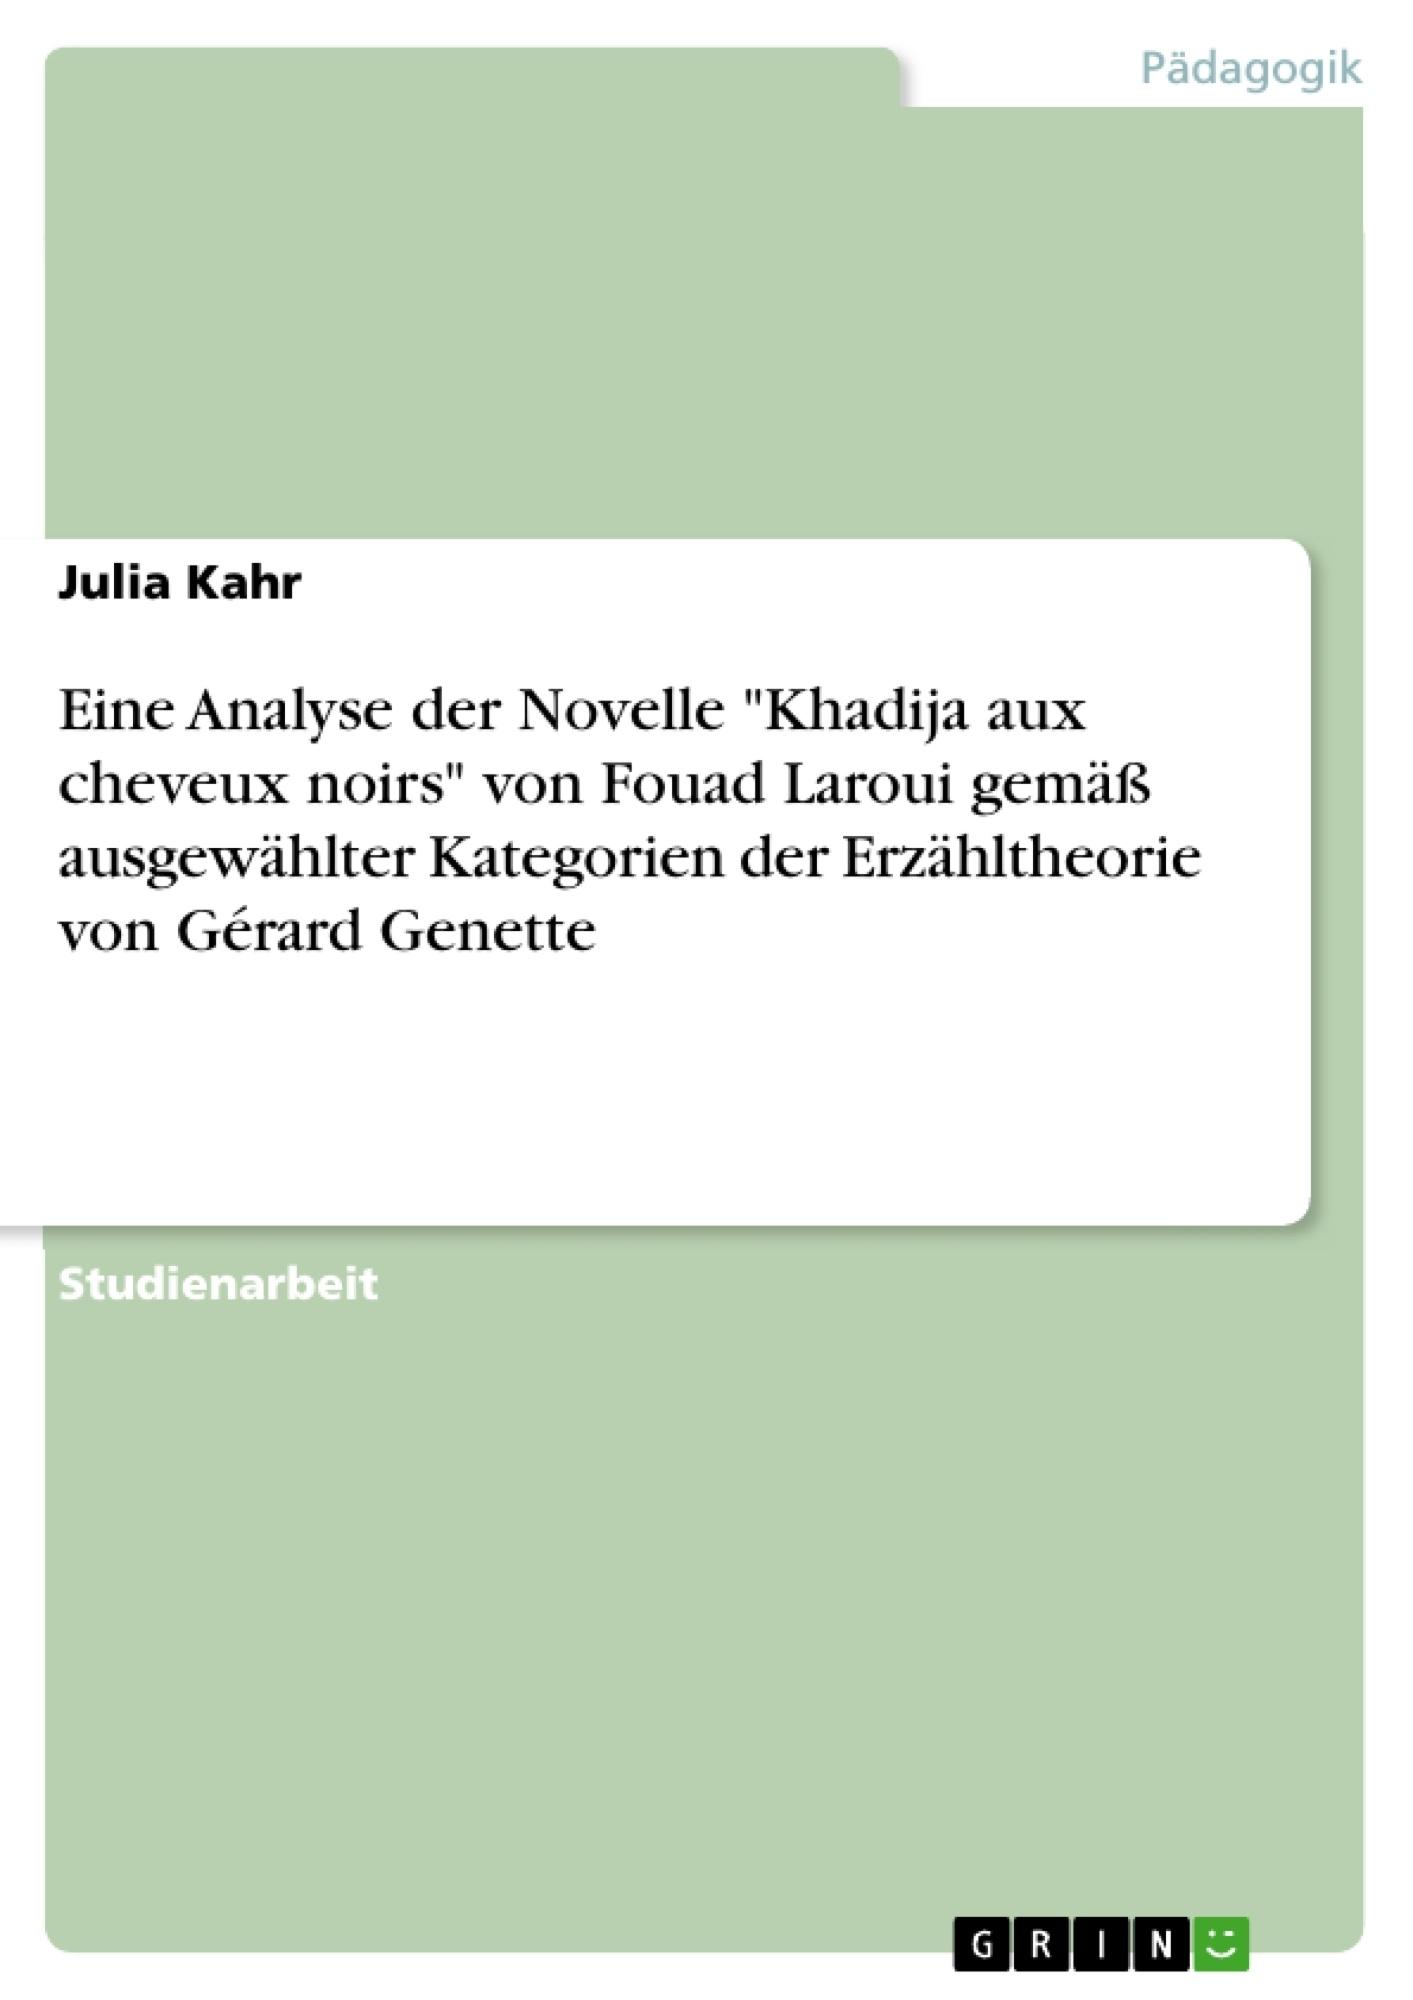 """Titel: Eine Analyse der Novelle """"Khadija aux cheveux noirs"""" von Fouad Laroui gemäß ausgewählter Kategorien der Erzähltheorie von Gérard Genette"""